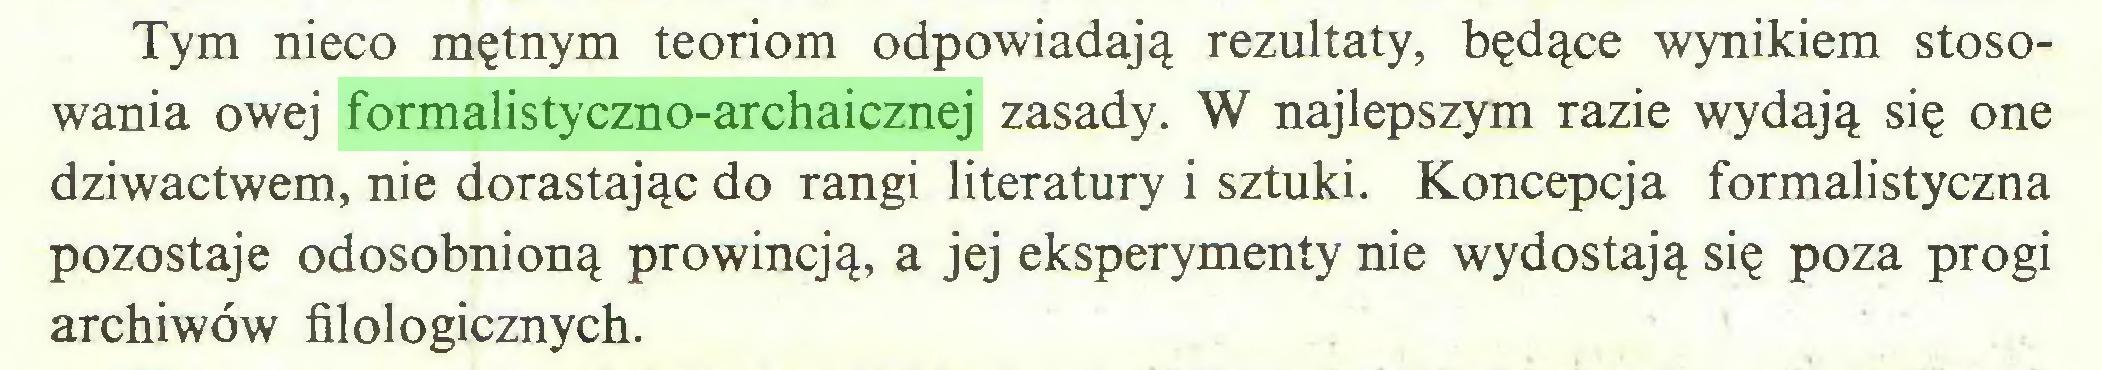 (...) Tym nieco mętnym teoriom odpowiadają rezultaty, będące wynikiem stosowania owej formalistyczno-archaicznej zasady. W najlepszym razie wydają się one dziwactwem, nie dorastając do rangi literatury i sztuki. Koncepcja formalistyczna pozostaje odosobnioną prowincją, a jej eksperymenty nie wydostają się poza progi archiwów filologicznych...